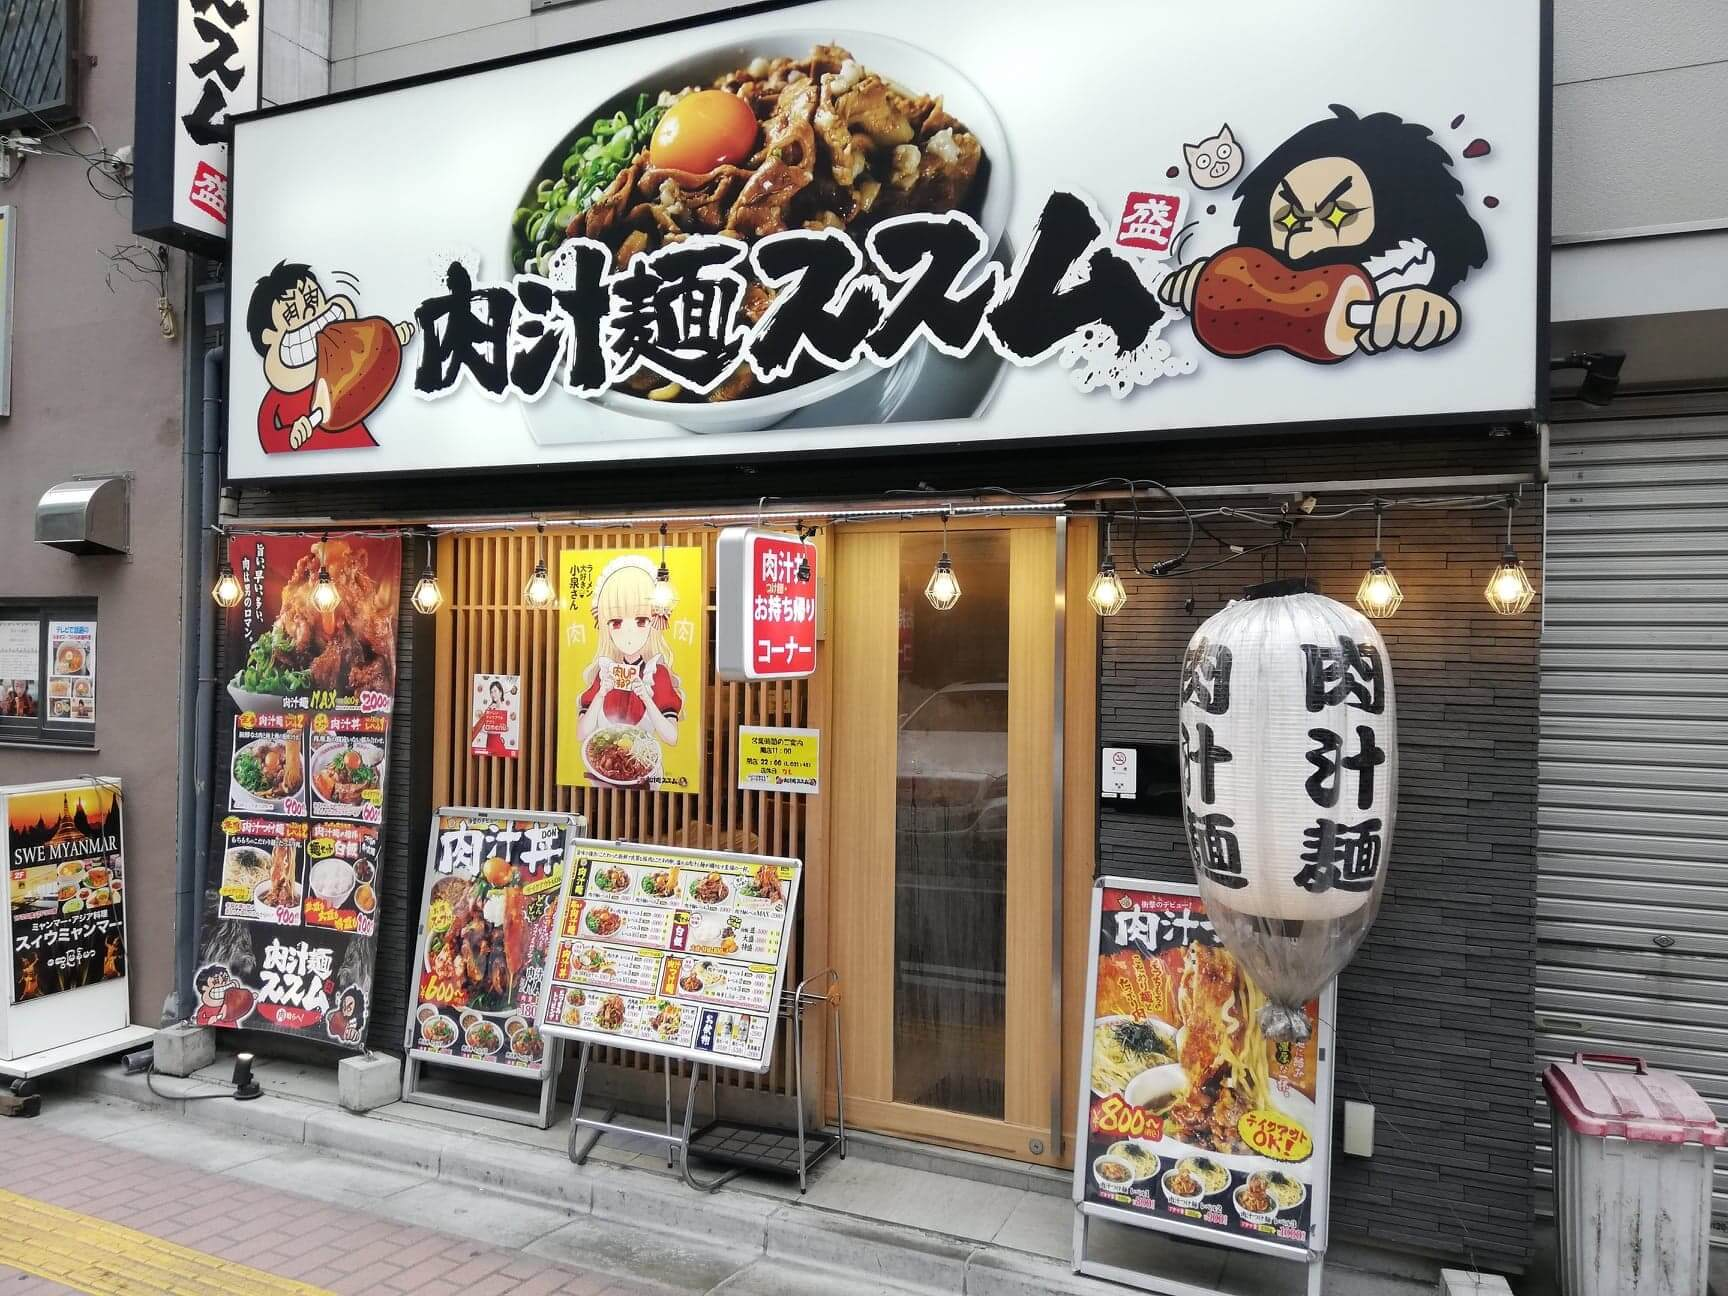 高田馬場『肉汁麺ススム』の外観写真